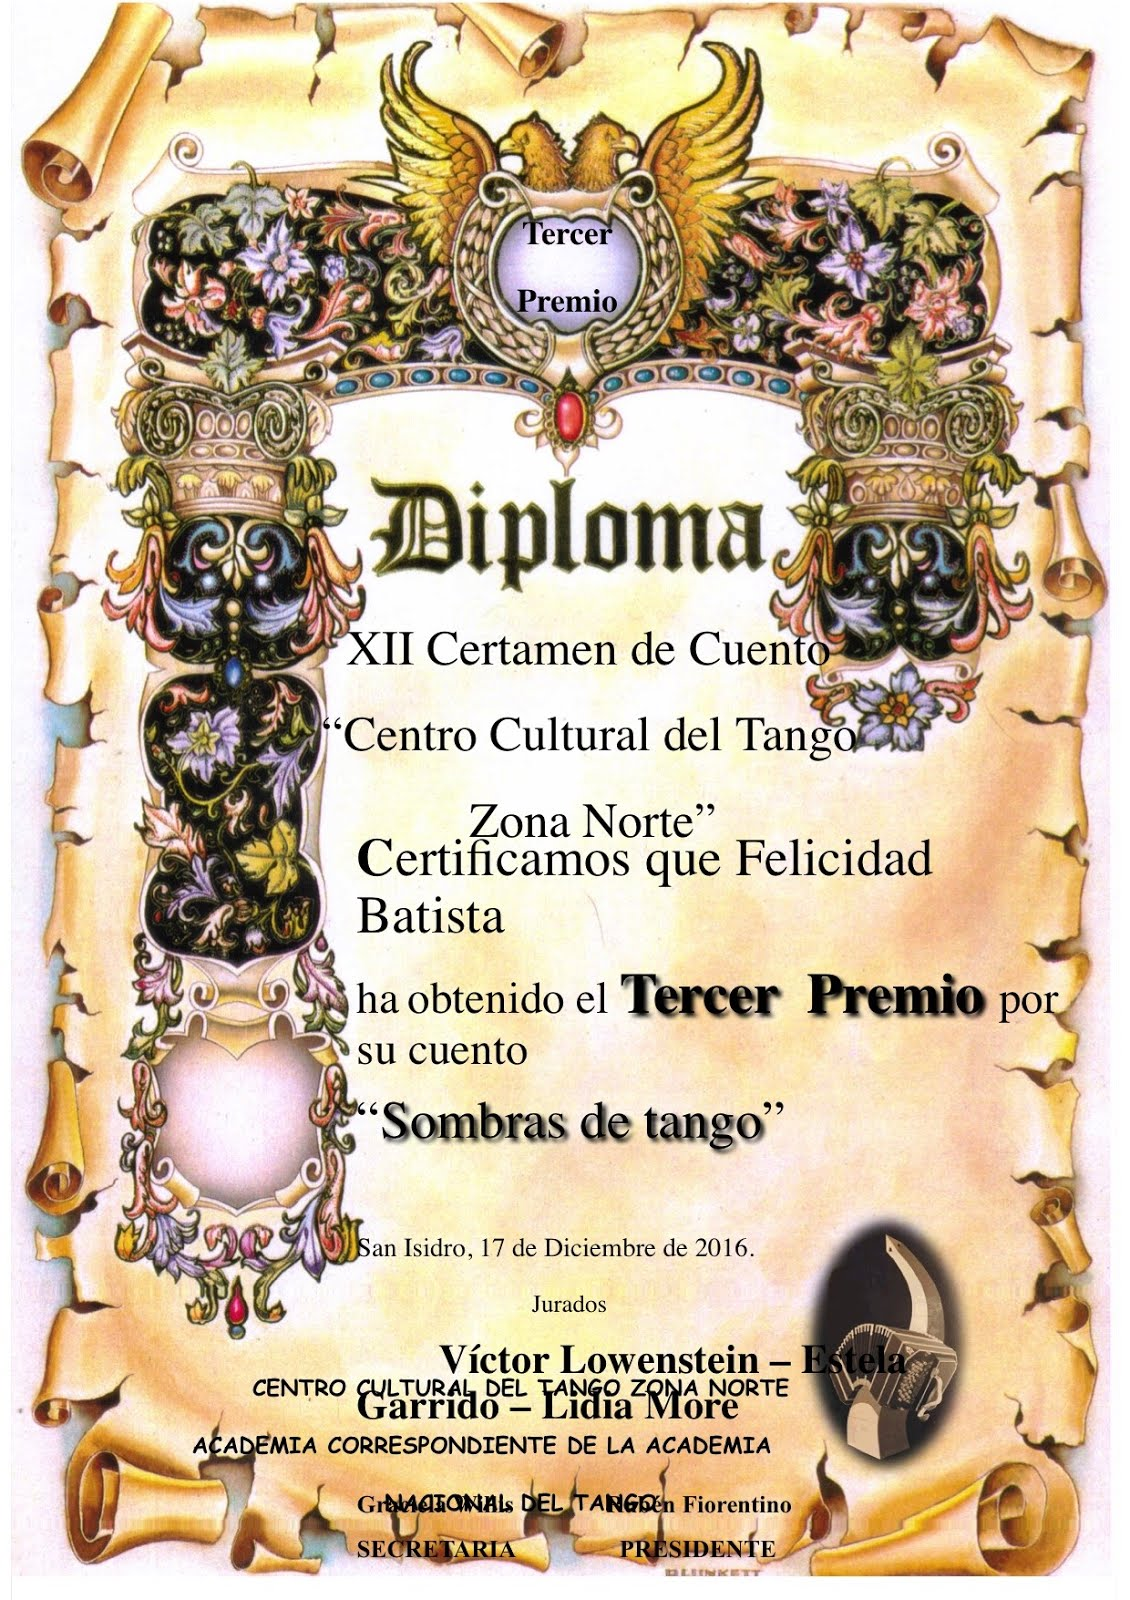 TERCER PREMIO XII CERTAMEN DE CUENTO CENTRO CULTURAL DEL TANGO ZONA NORTE. BUENOS AIRES. ARGENTINA